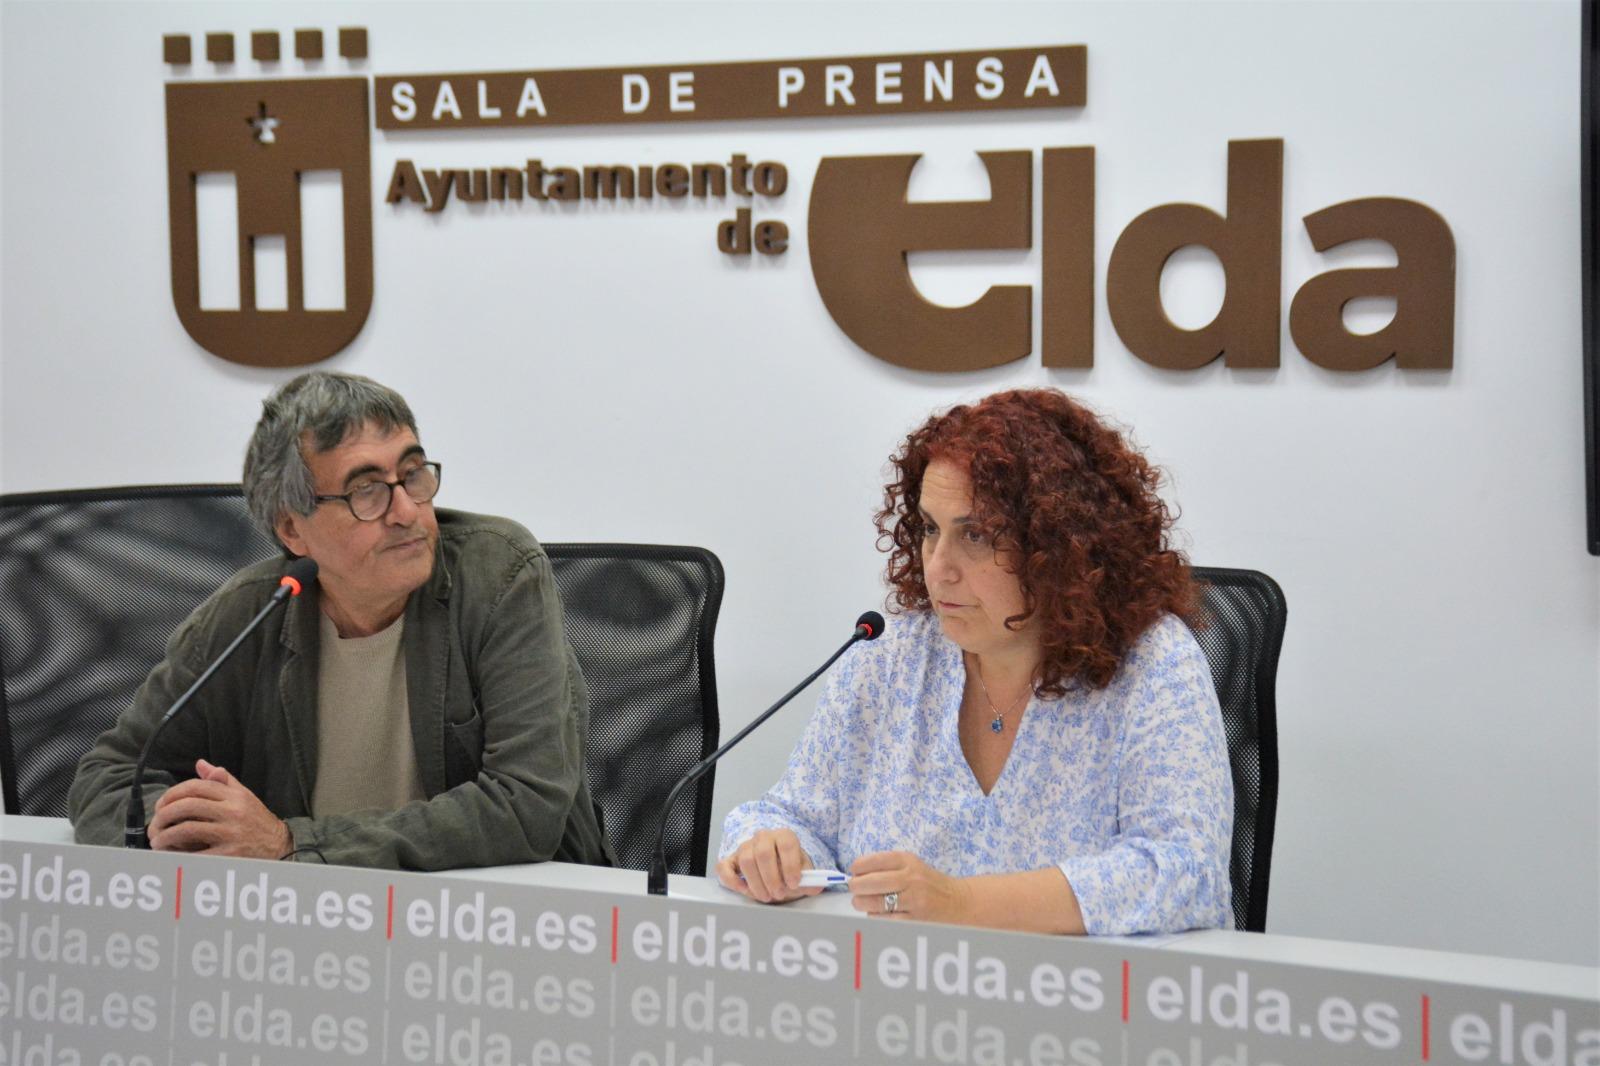 Idelsa realizará un taller de formación y empleo dirigido a personas en riesgo de exclusión social